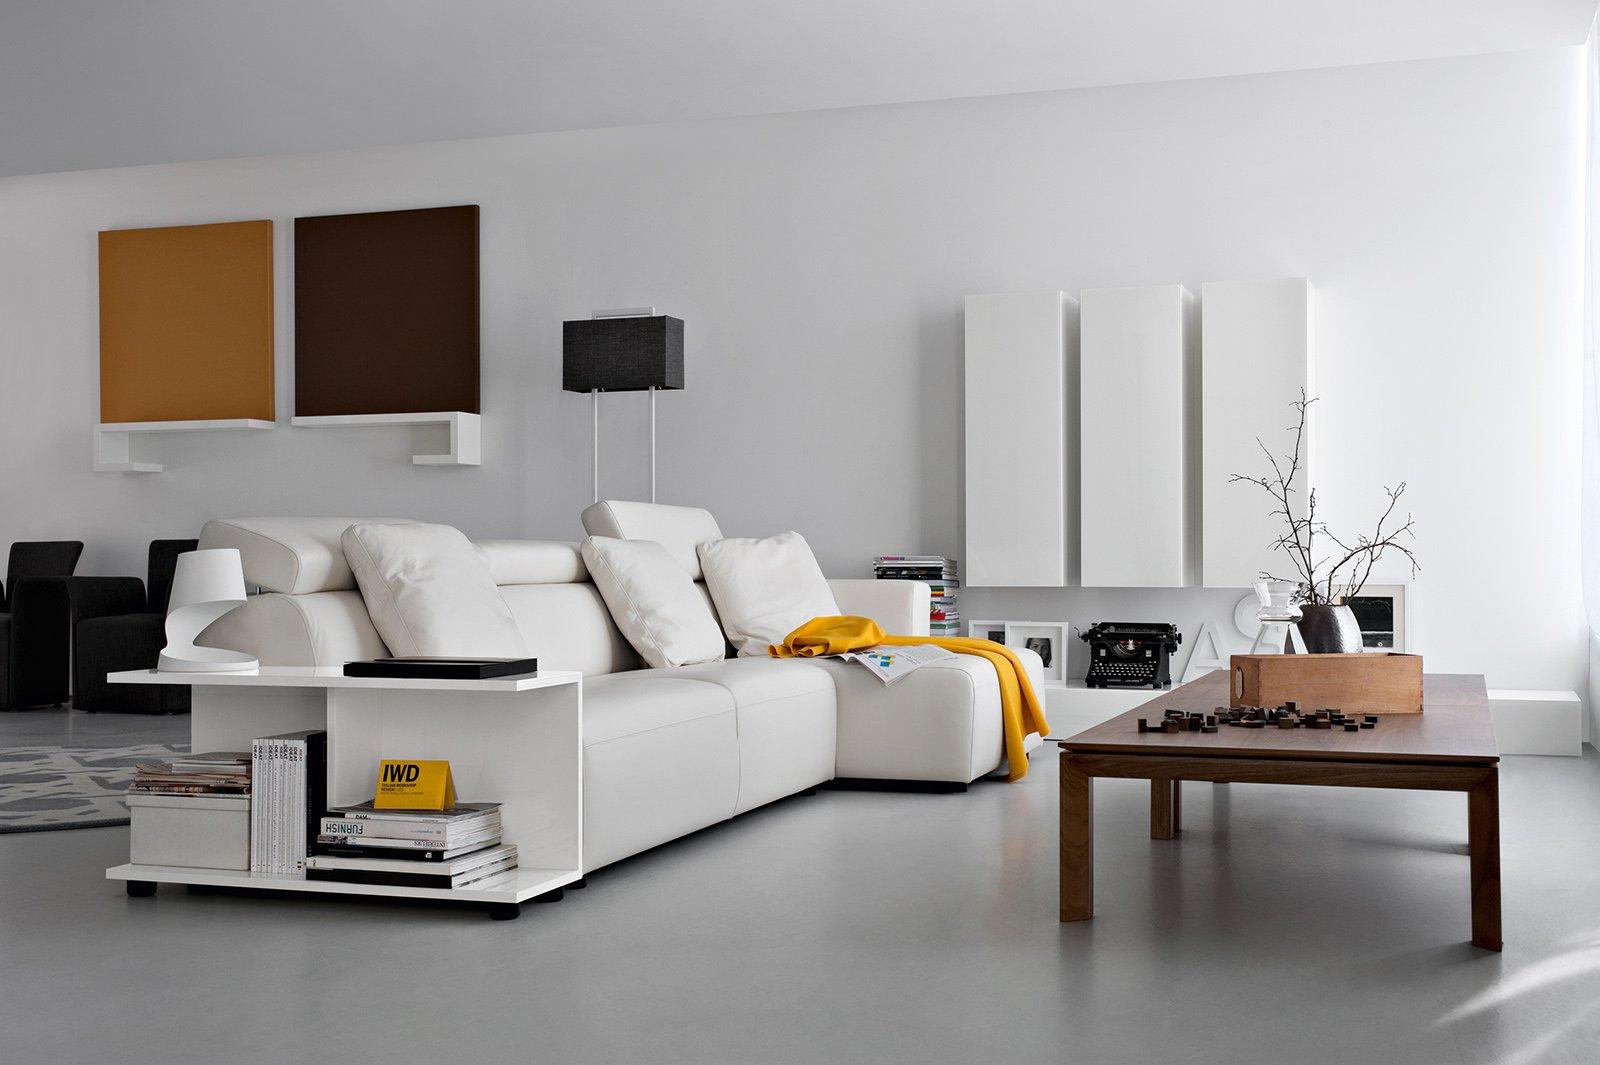 Libreria dietro divano camera studio con divano letto design casa creativa e mobili with - Divano letto studio ...